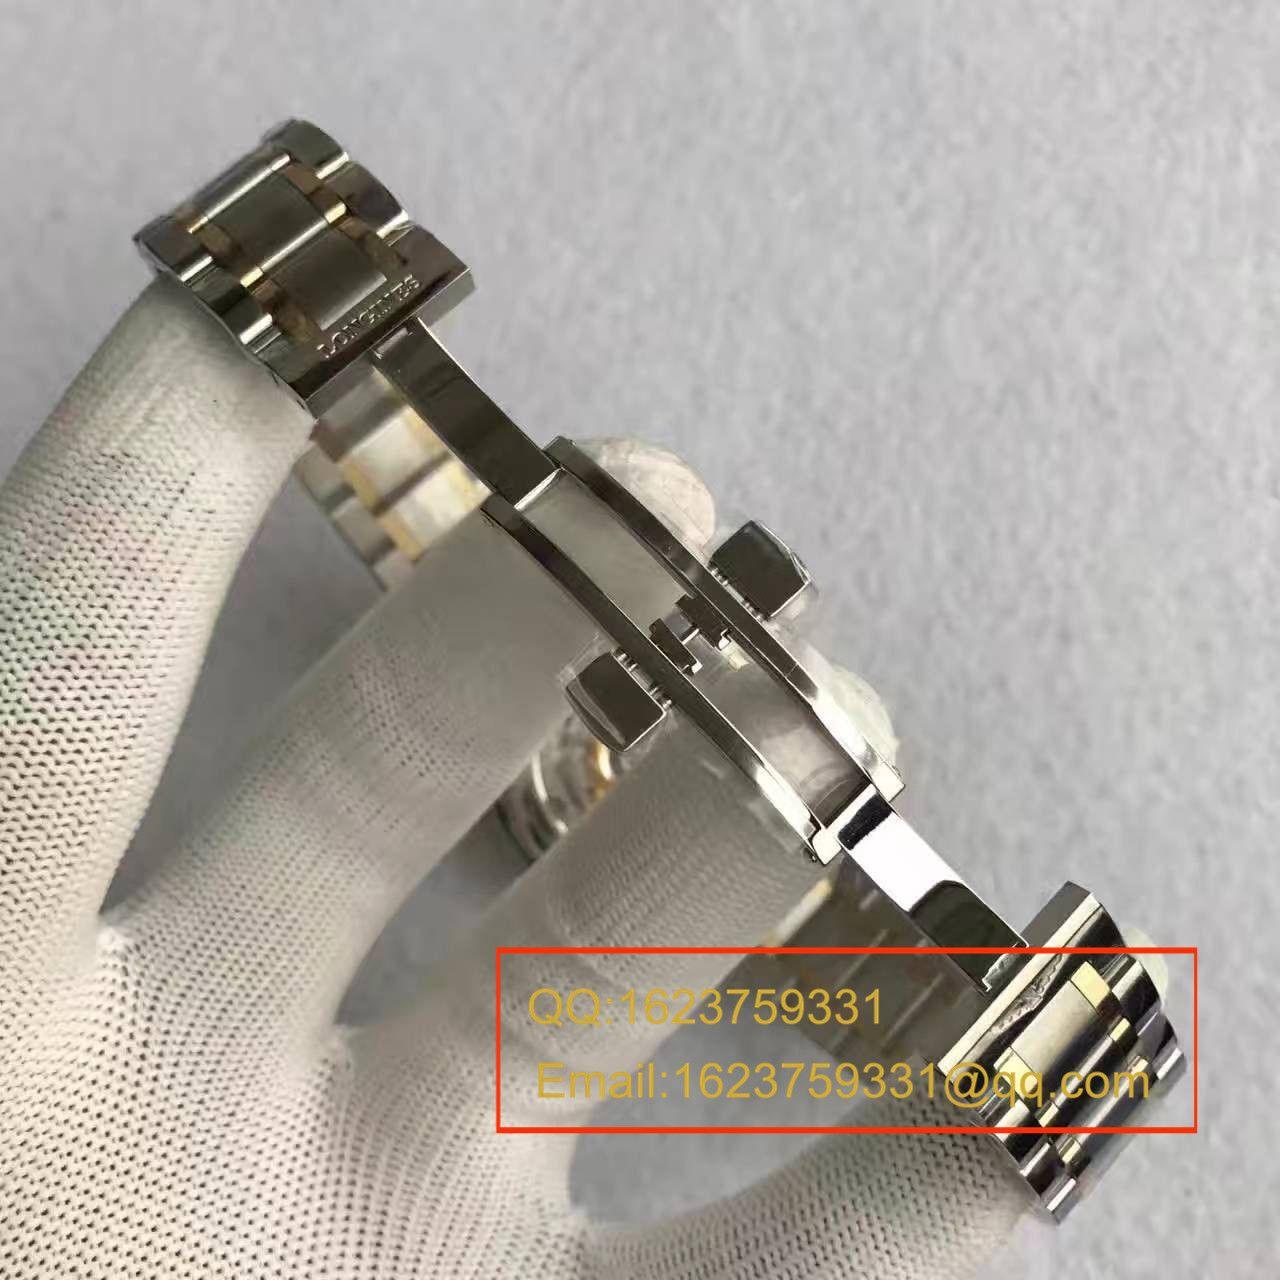 【MK厂一比一超A精仿手表】浪琴制表传统系列L2.628.5.77.7腕表 / L080